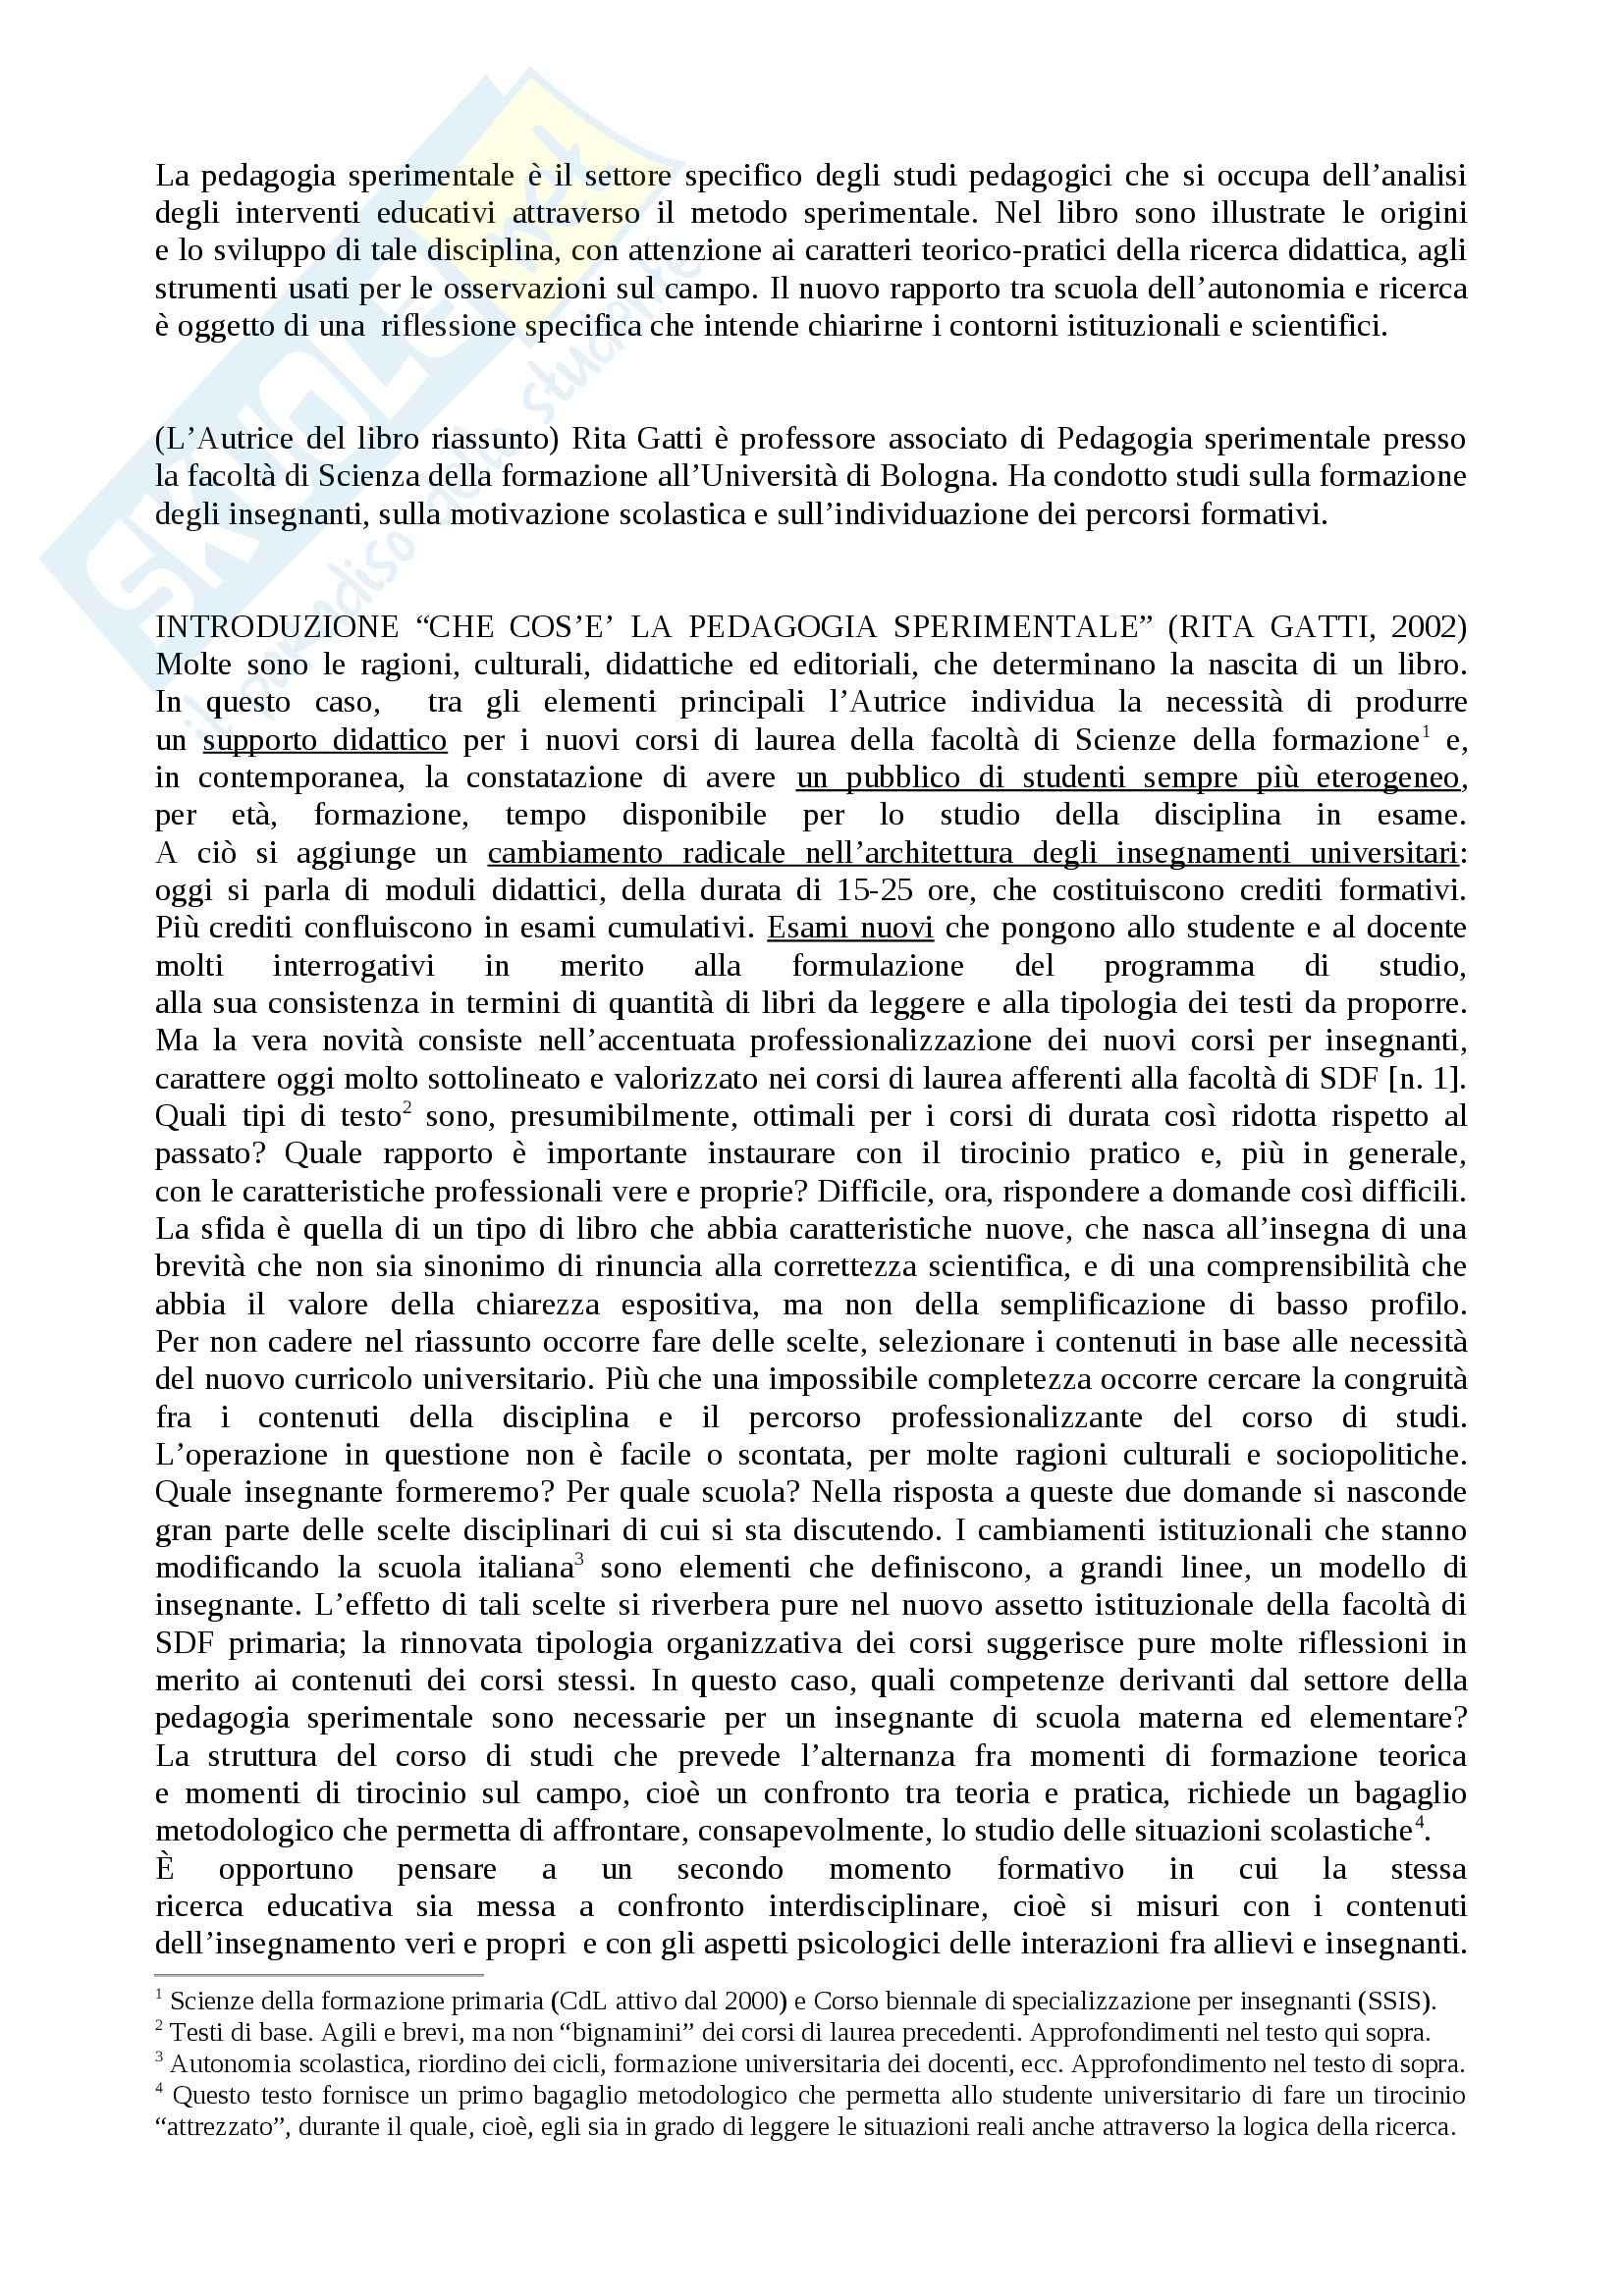 appunto S. Colazzo Pedagogia sperimentale